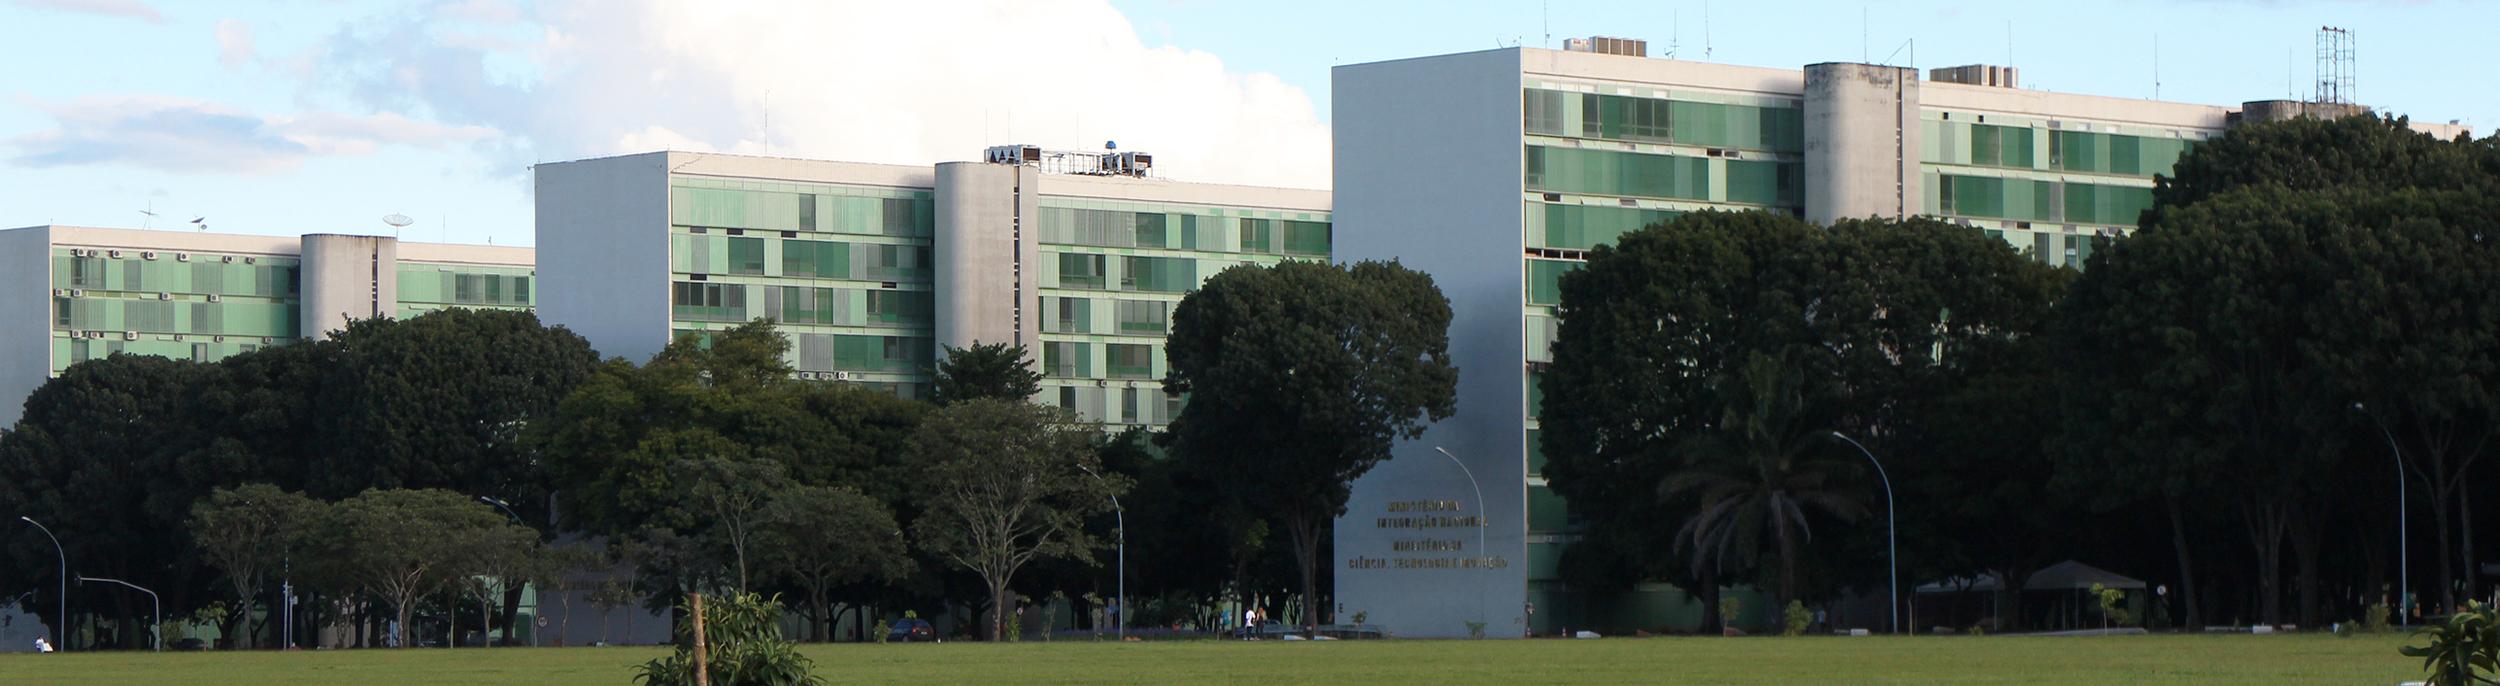 Esplanada dos Ministérios.